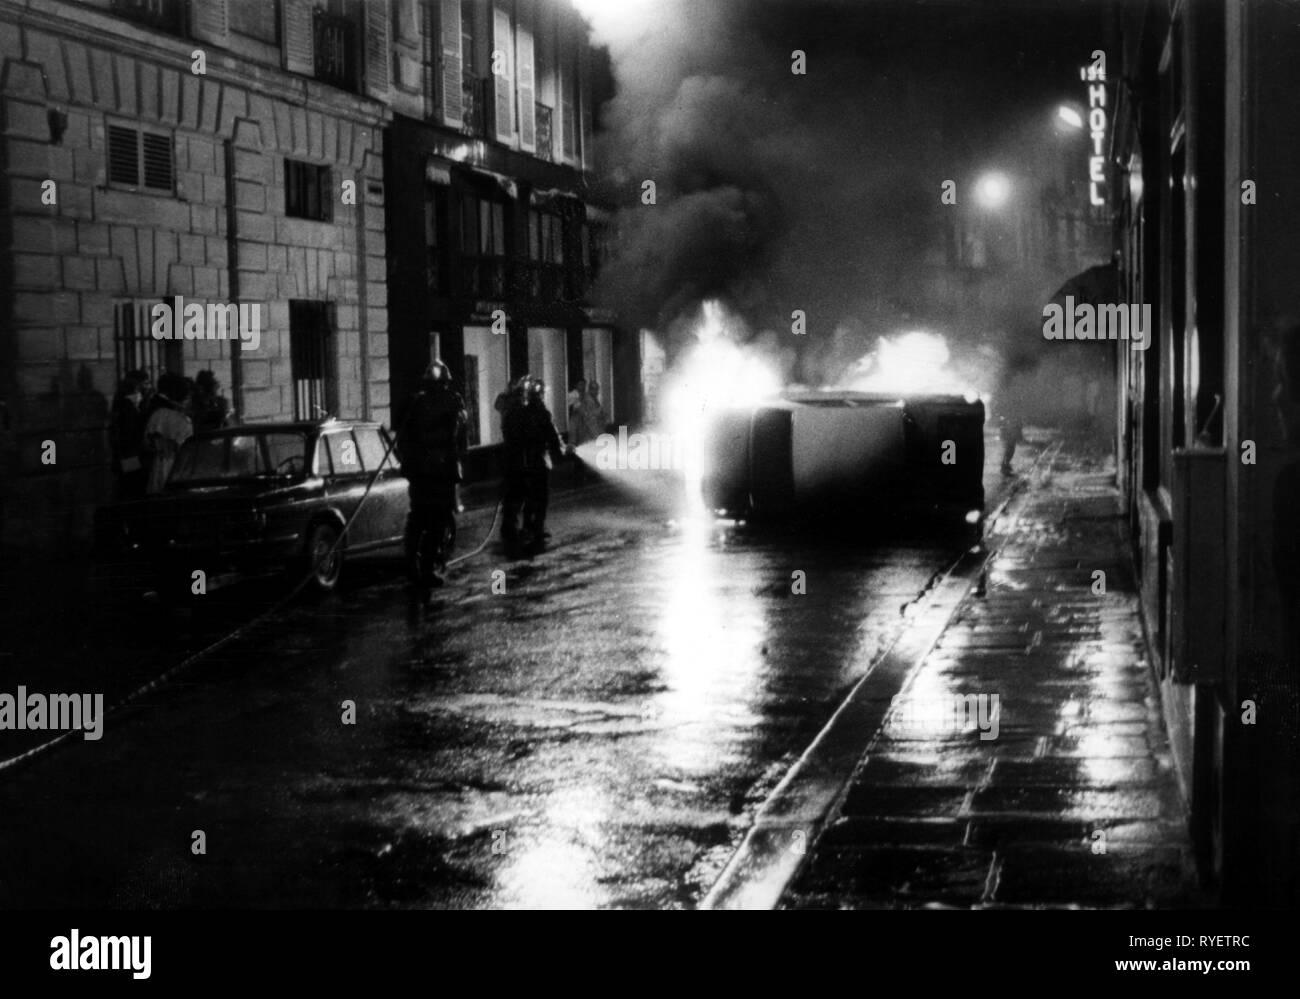 Démonstration, en France, en 1968, soulèvements étudiants, dans le Quartier Latin, fire brigade est éteindre une voiture en flammes, 7.5.1968, Additional-Rights Clearance-Info-Not-Available- Photo Stock